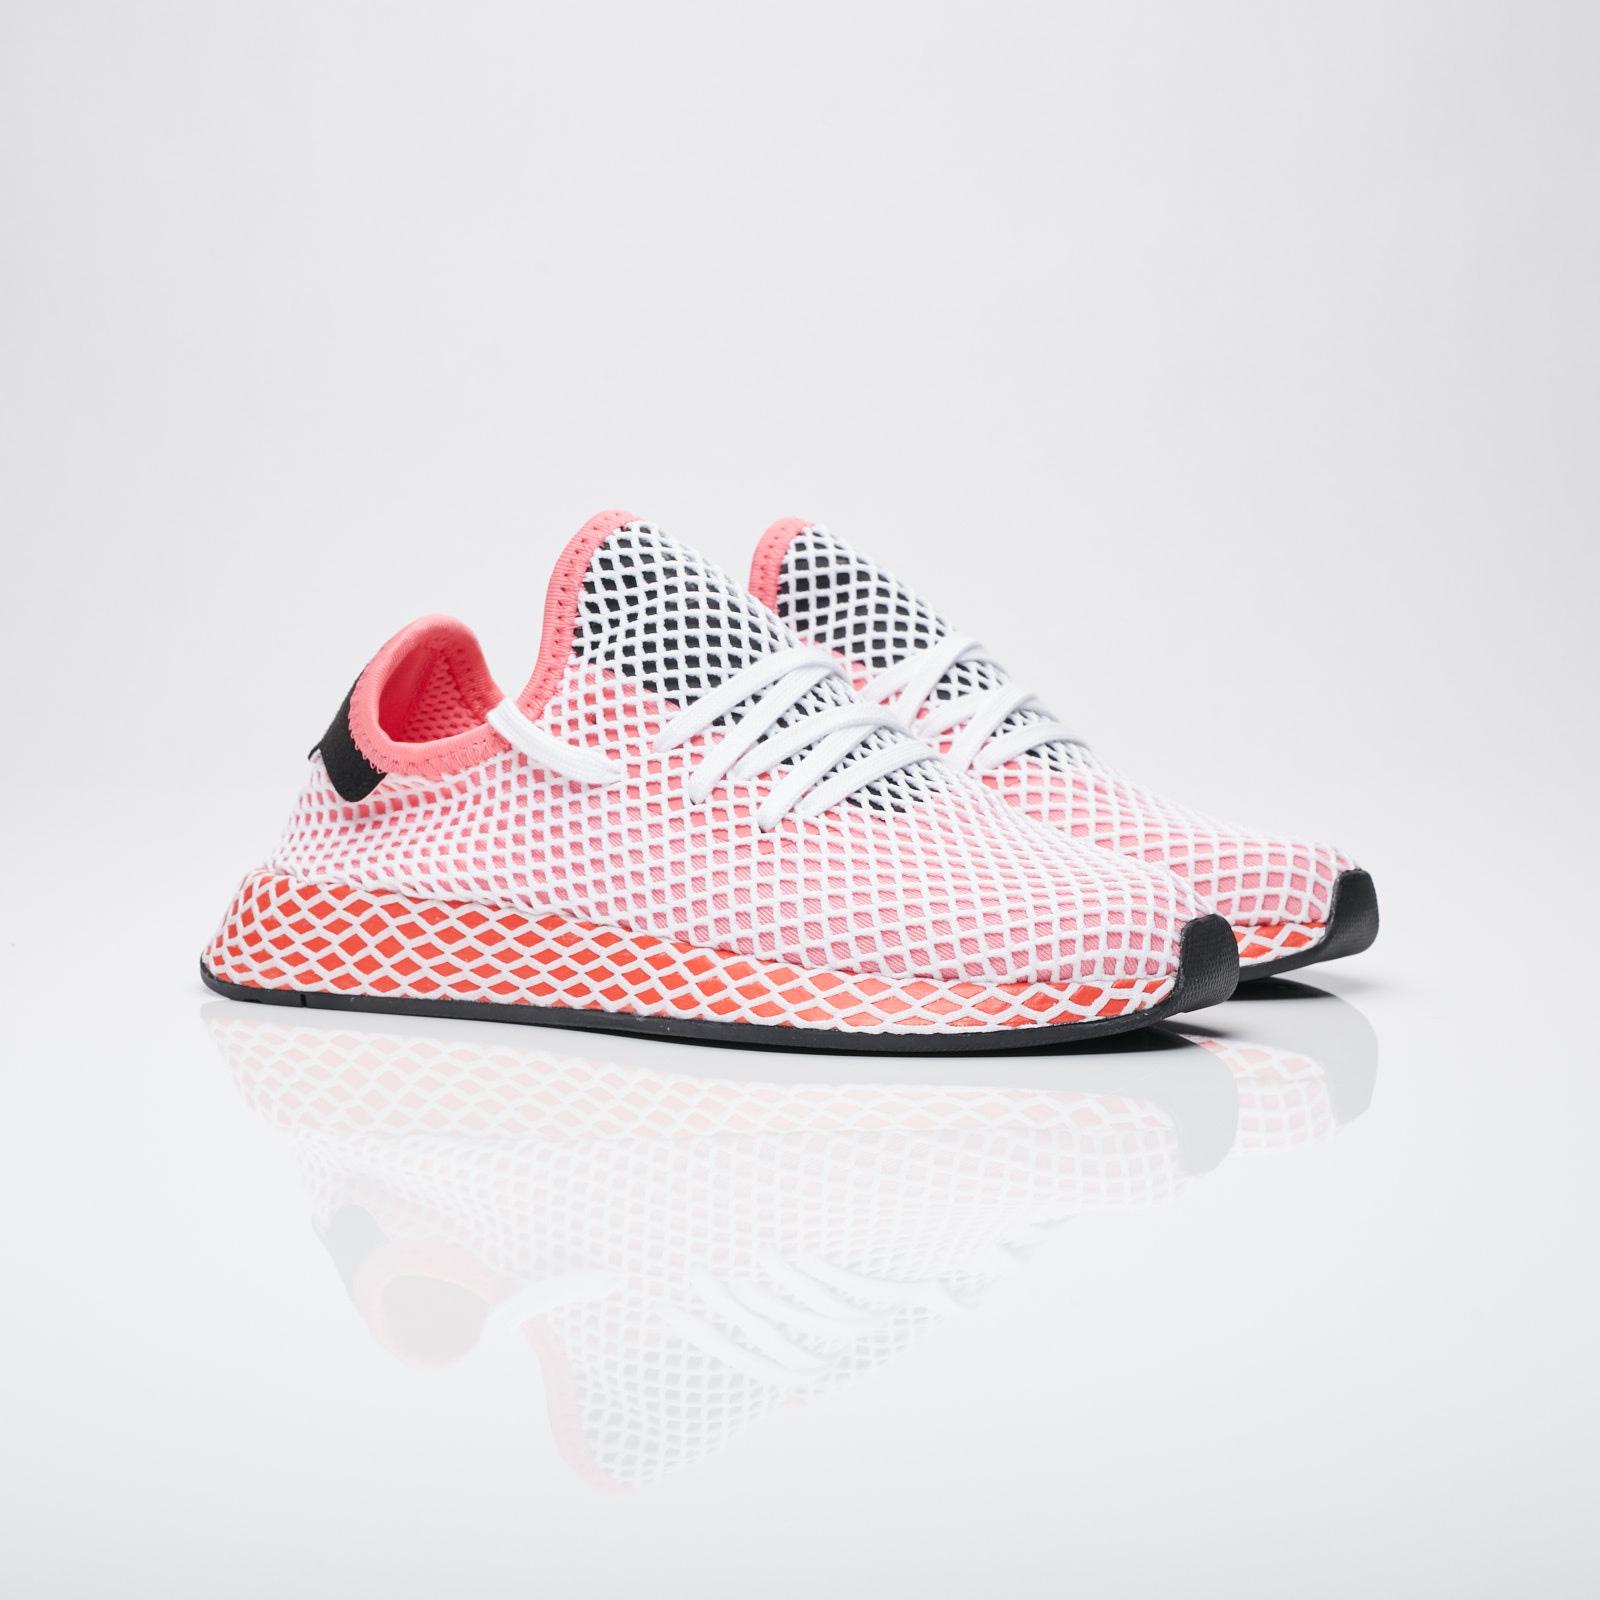 adidas Deerupt Runner W - Cq2910 - Sneakersnstuff  14b0f867c7